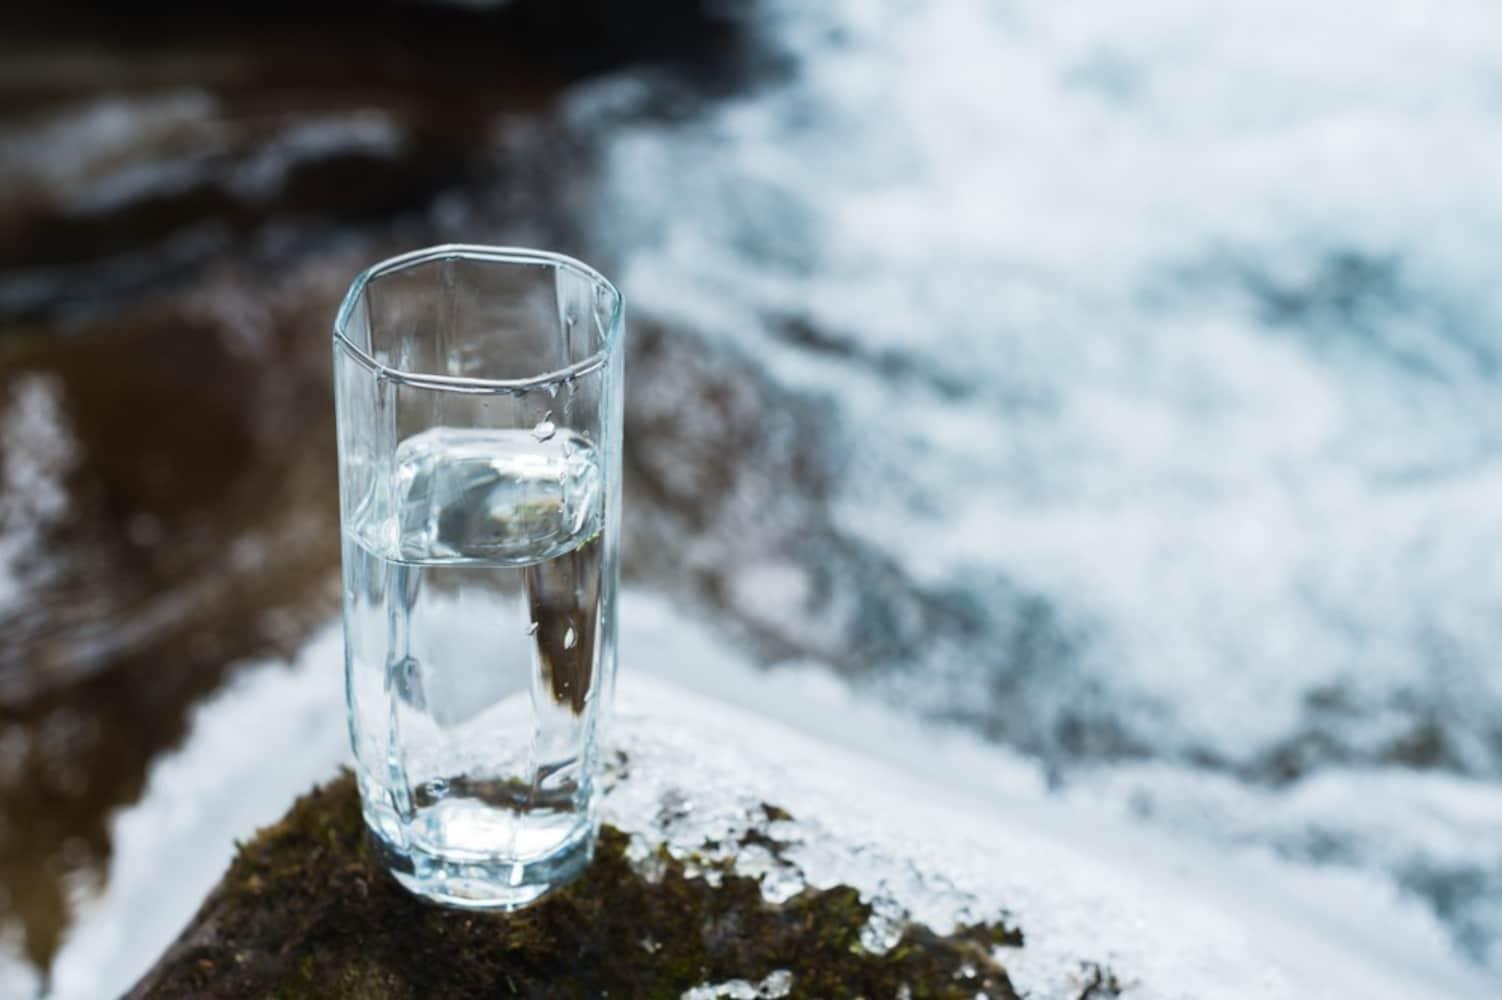 原材料 | 麦芽はもちろん、水へのこだわりも重要